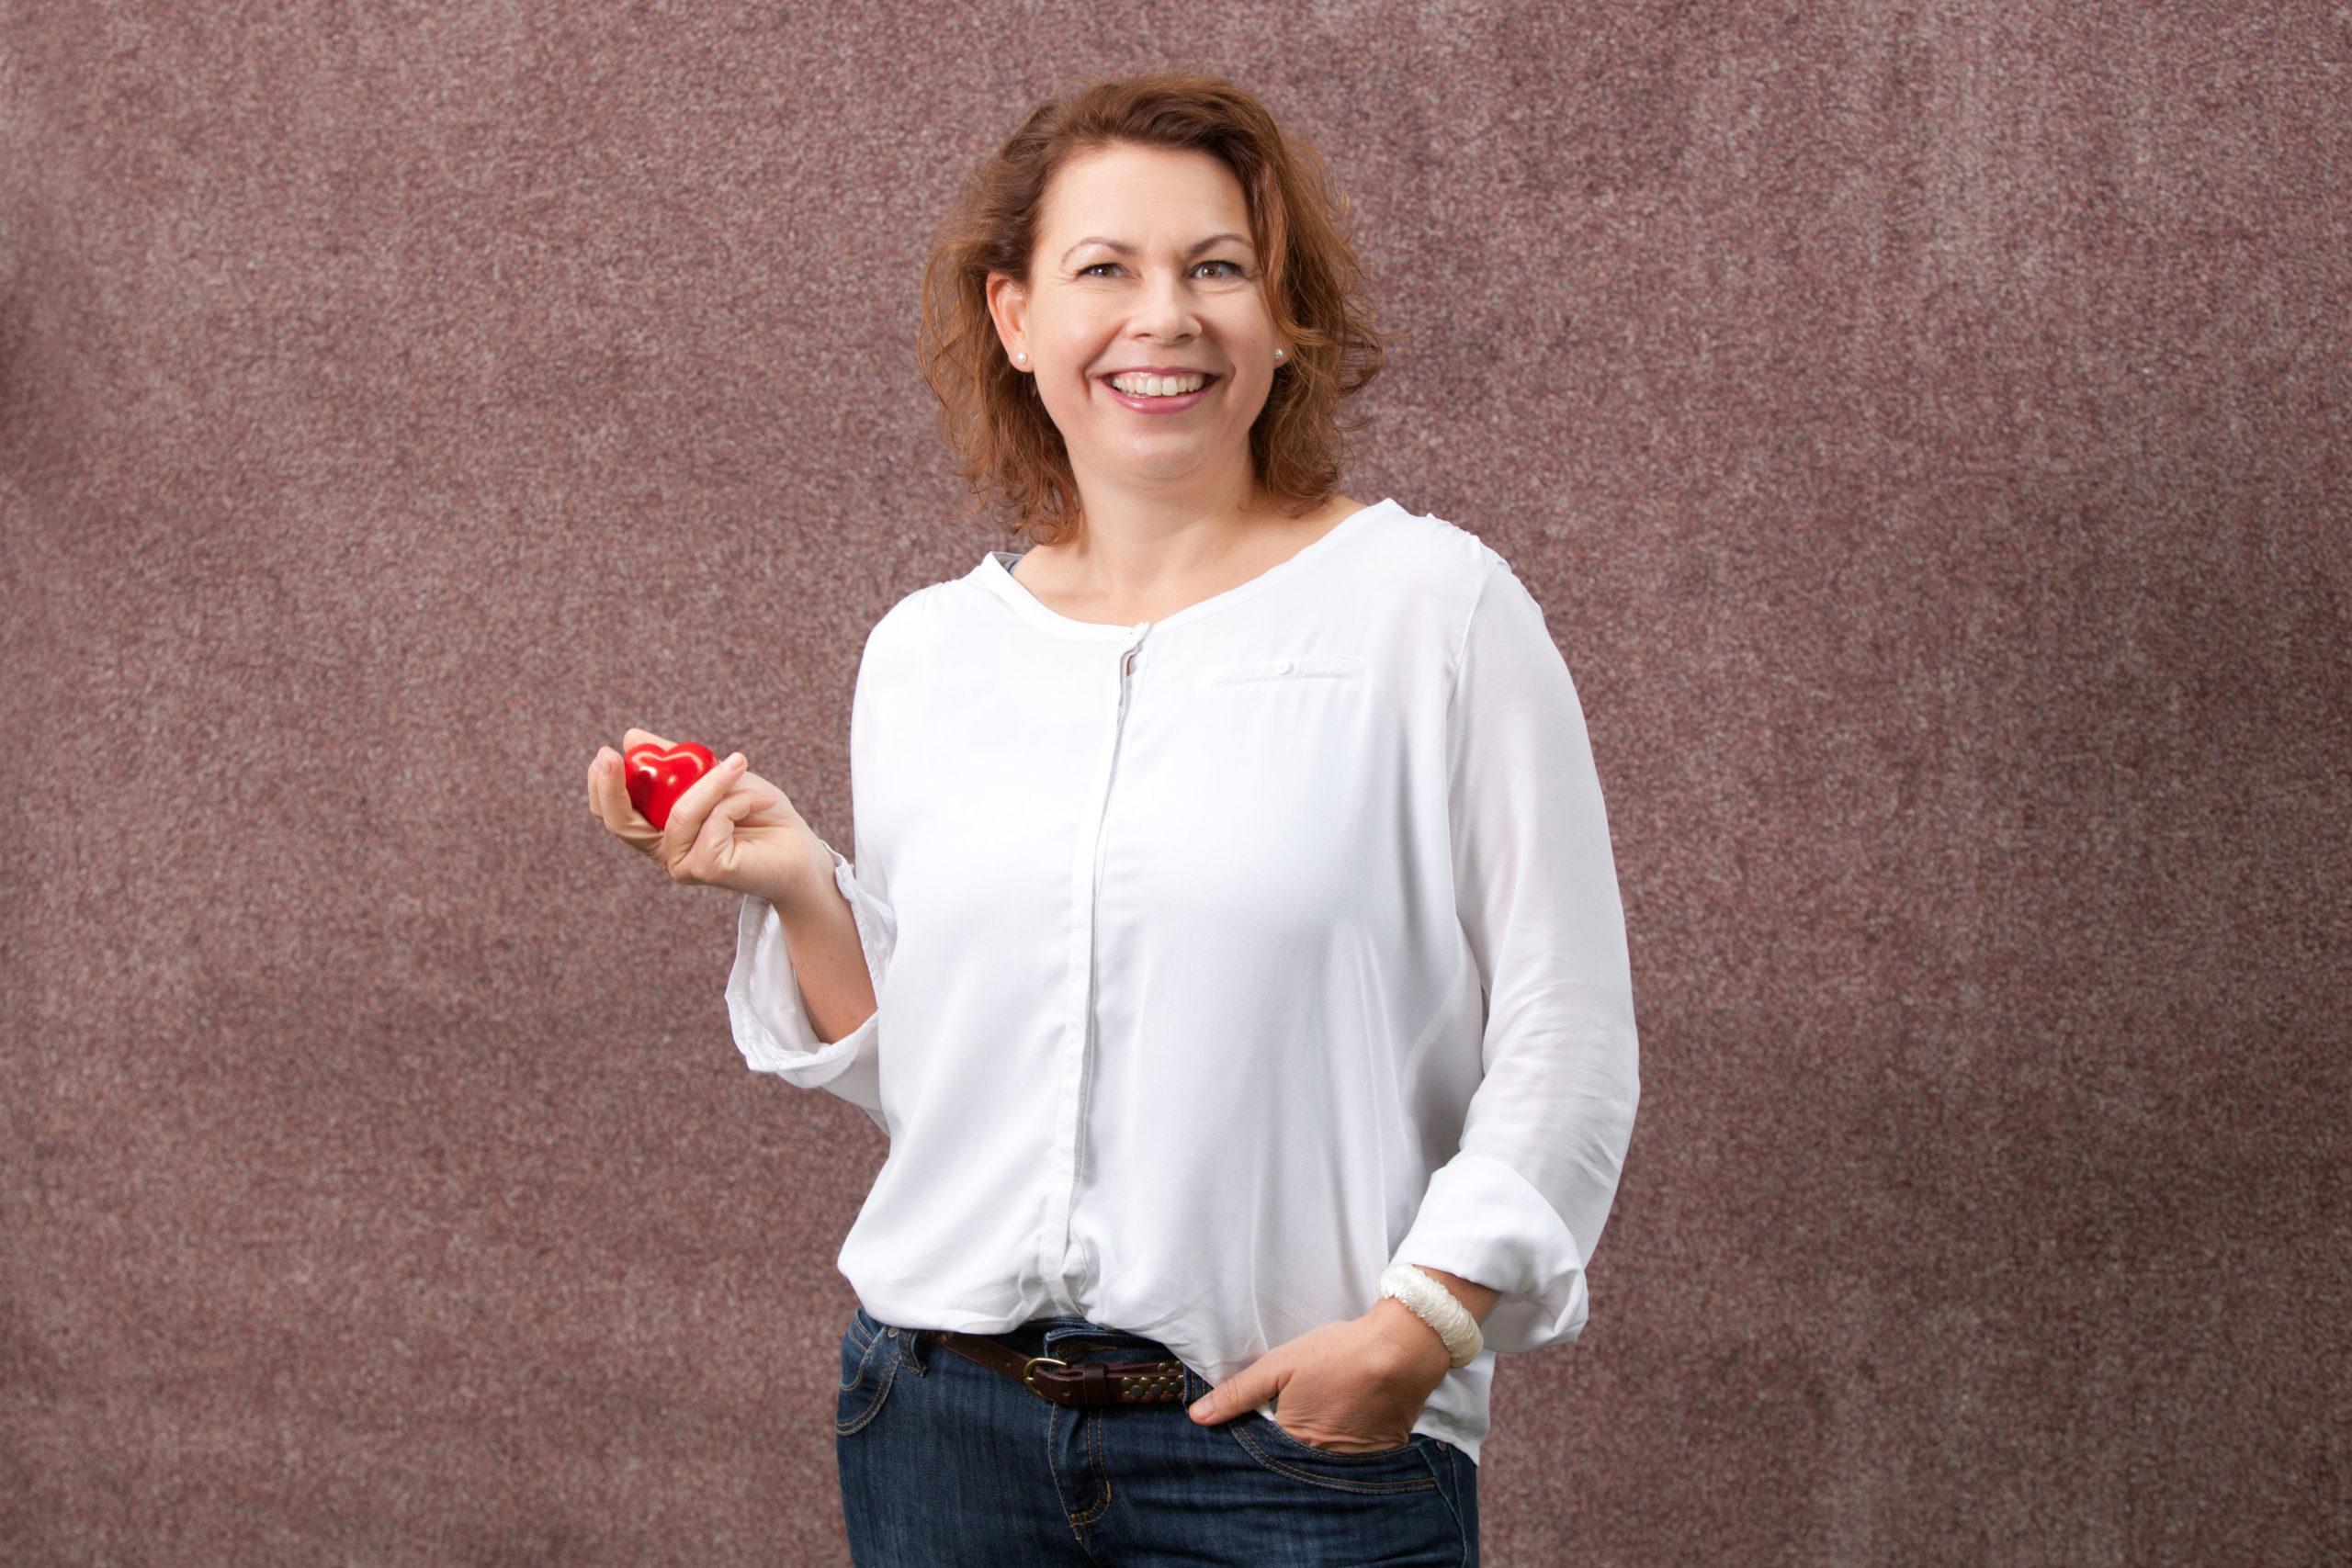 Anita Hampel